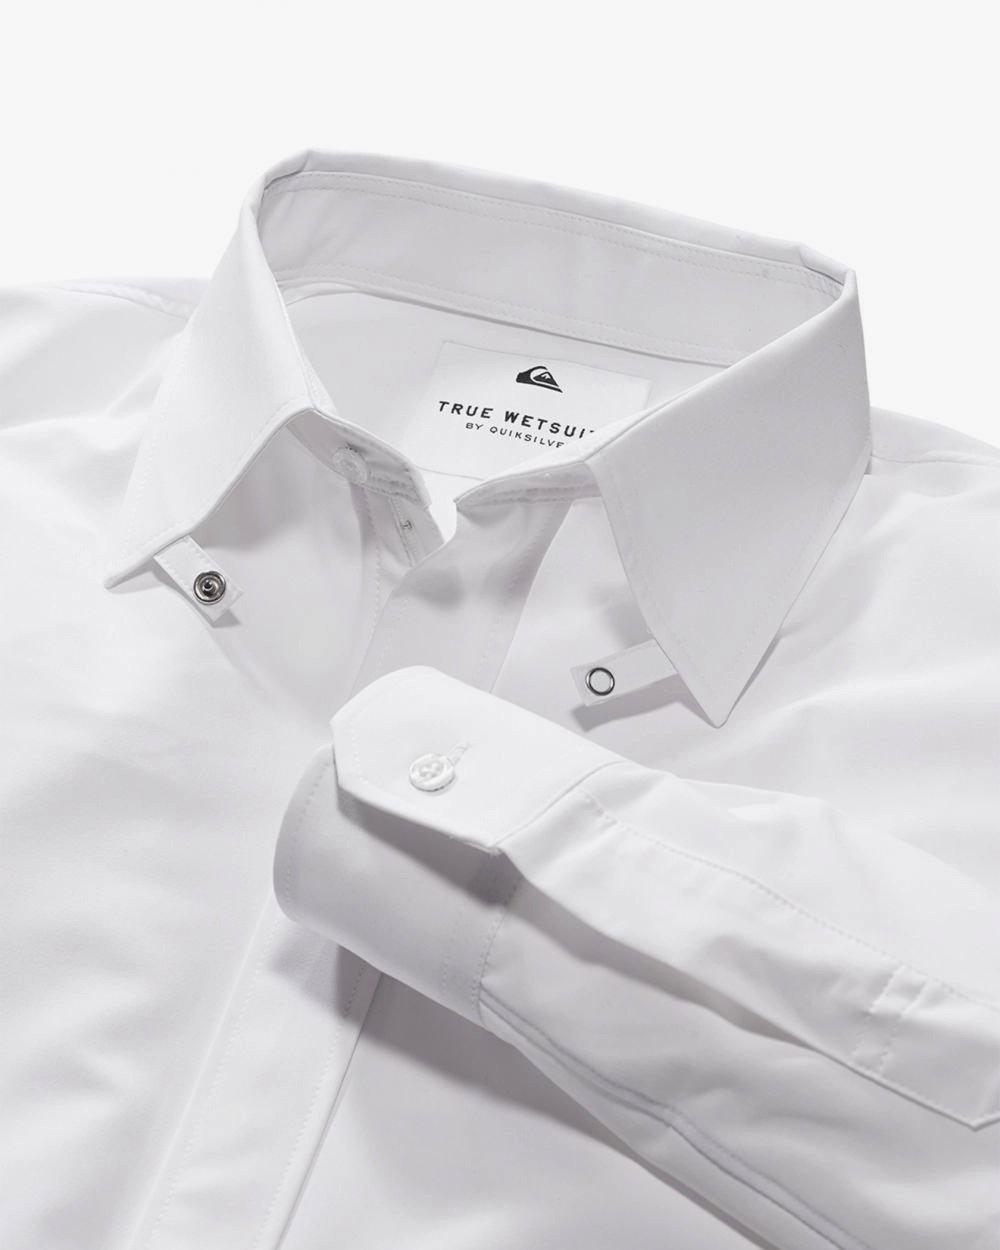 Das ist kein gewöhnliches Hemd aus Baumwolle, sondern aus Neopren und damit optimal geeignet zum Surfen im Meer.